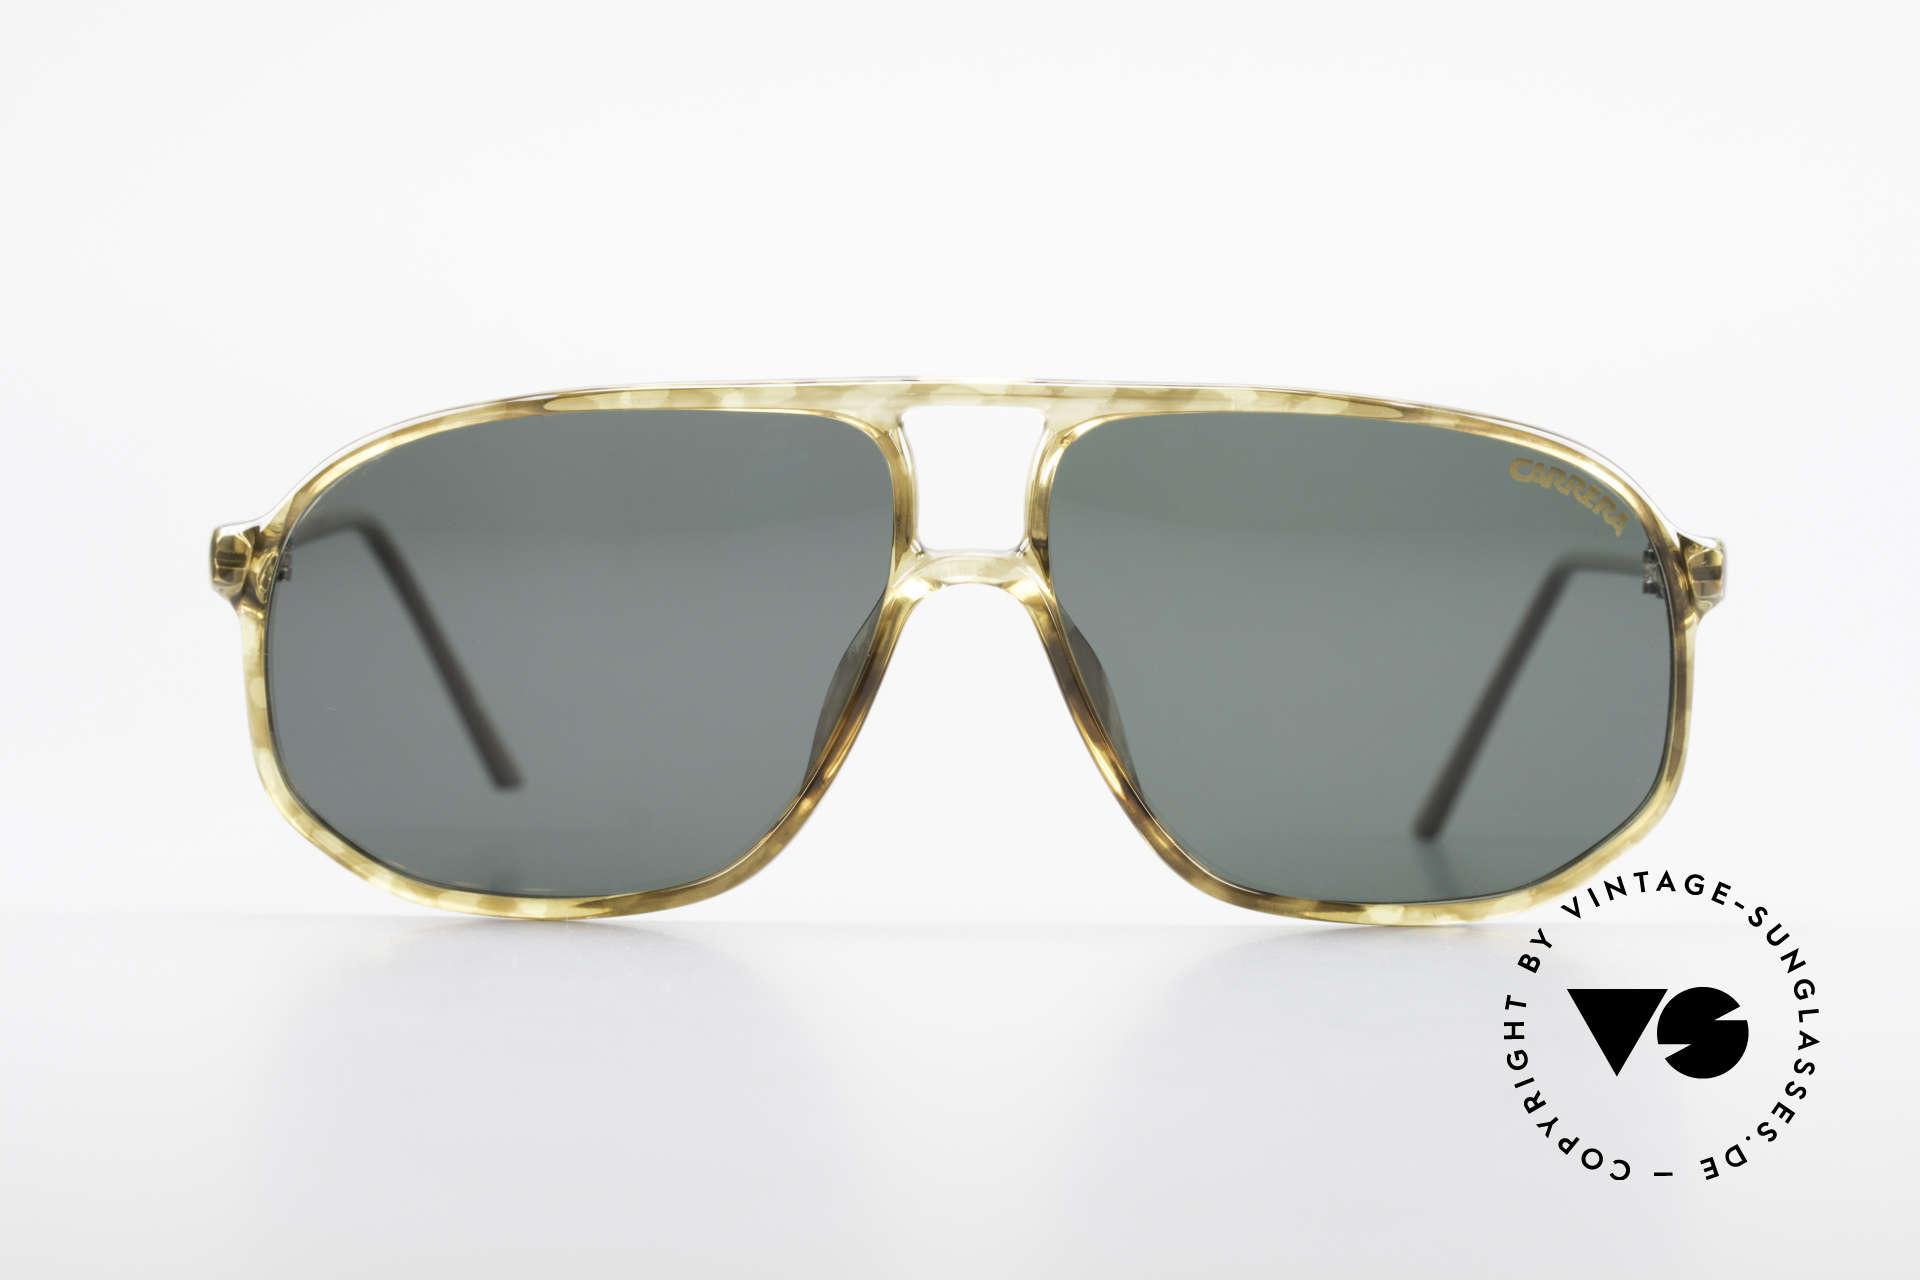 8bd2f13e7e80c Sunglasses Carrera 5325 80 s Carrera Sunglasses Optyl